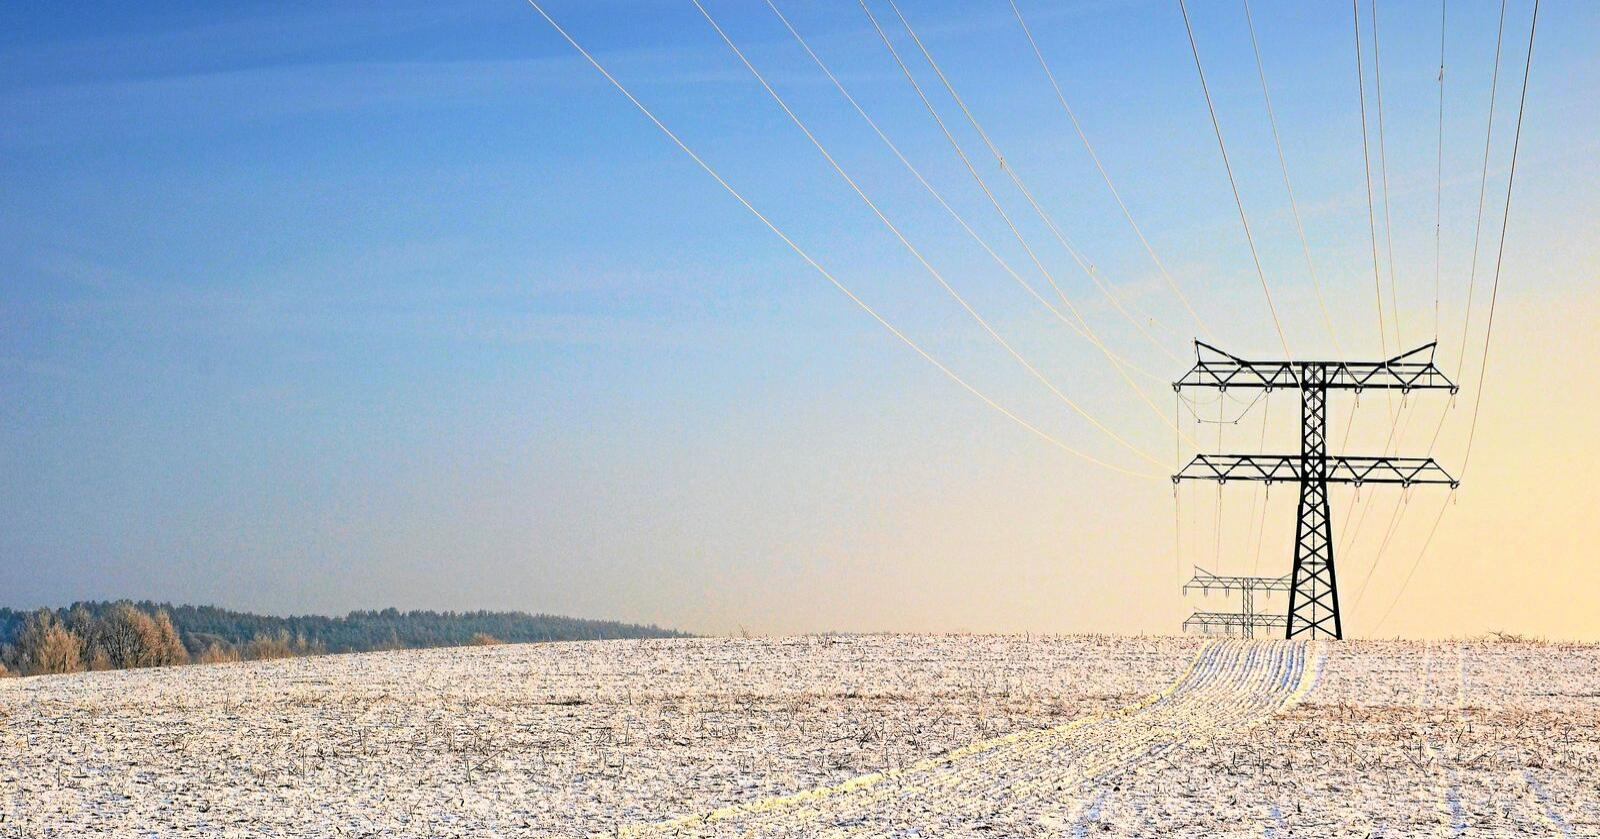 NorthConnect er ikke lønnsom som eget prosjekt. Men prisen på all strøm i Norge vil gå opp på grunn av kabelen, og dette tjener alle kraftselskapene på, skriver Hogne Hongset i denne kronikken. Foto: Mostphotos